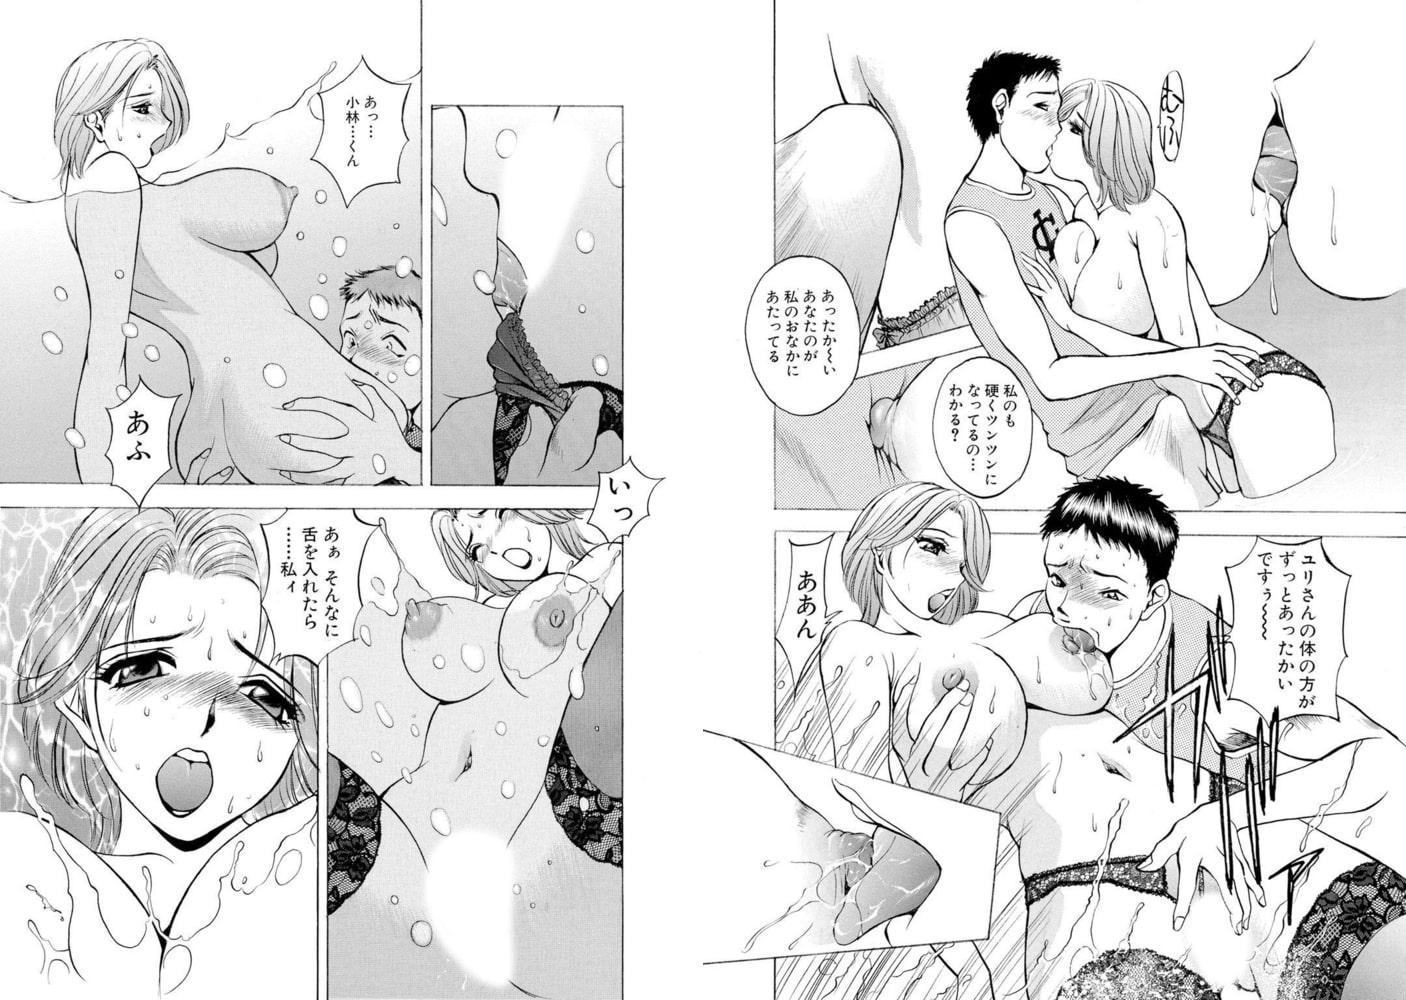 ネトラレ~新婚なのに夫に黙って他の男と【豪華版】